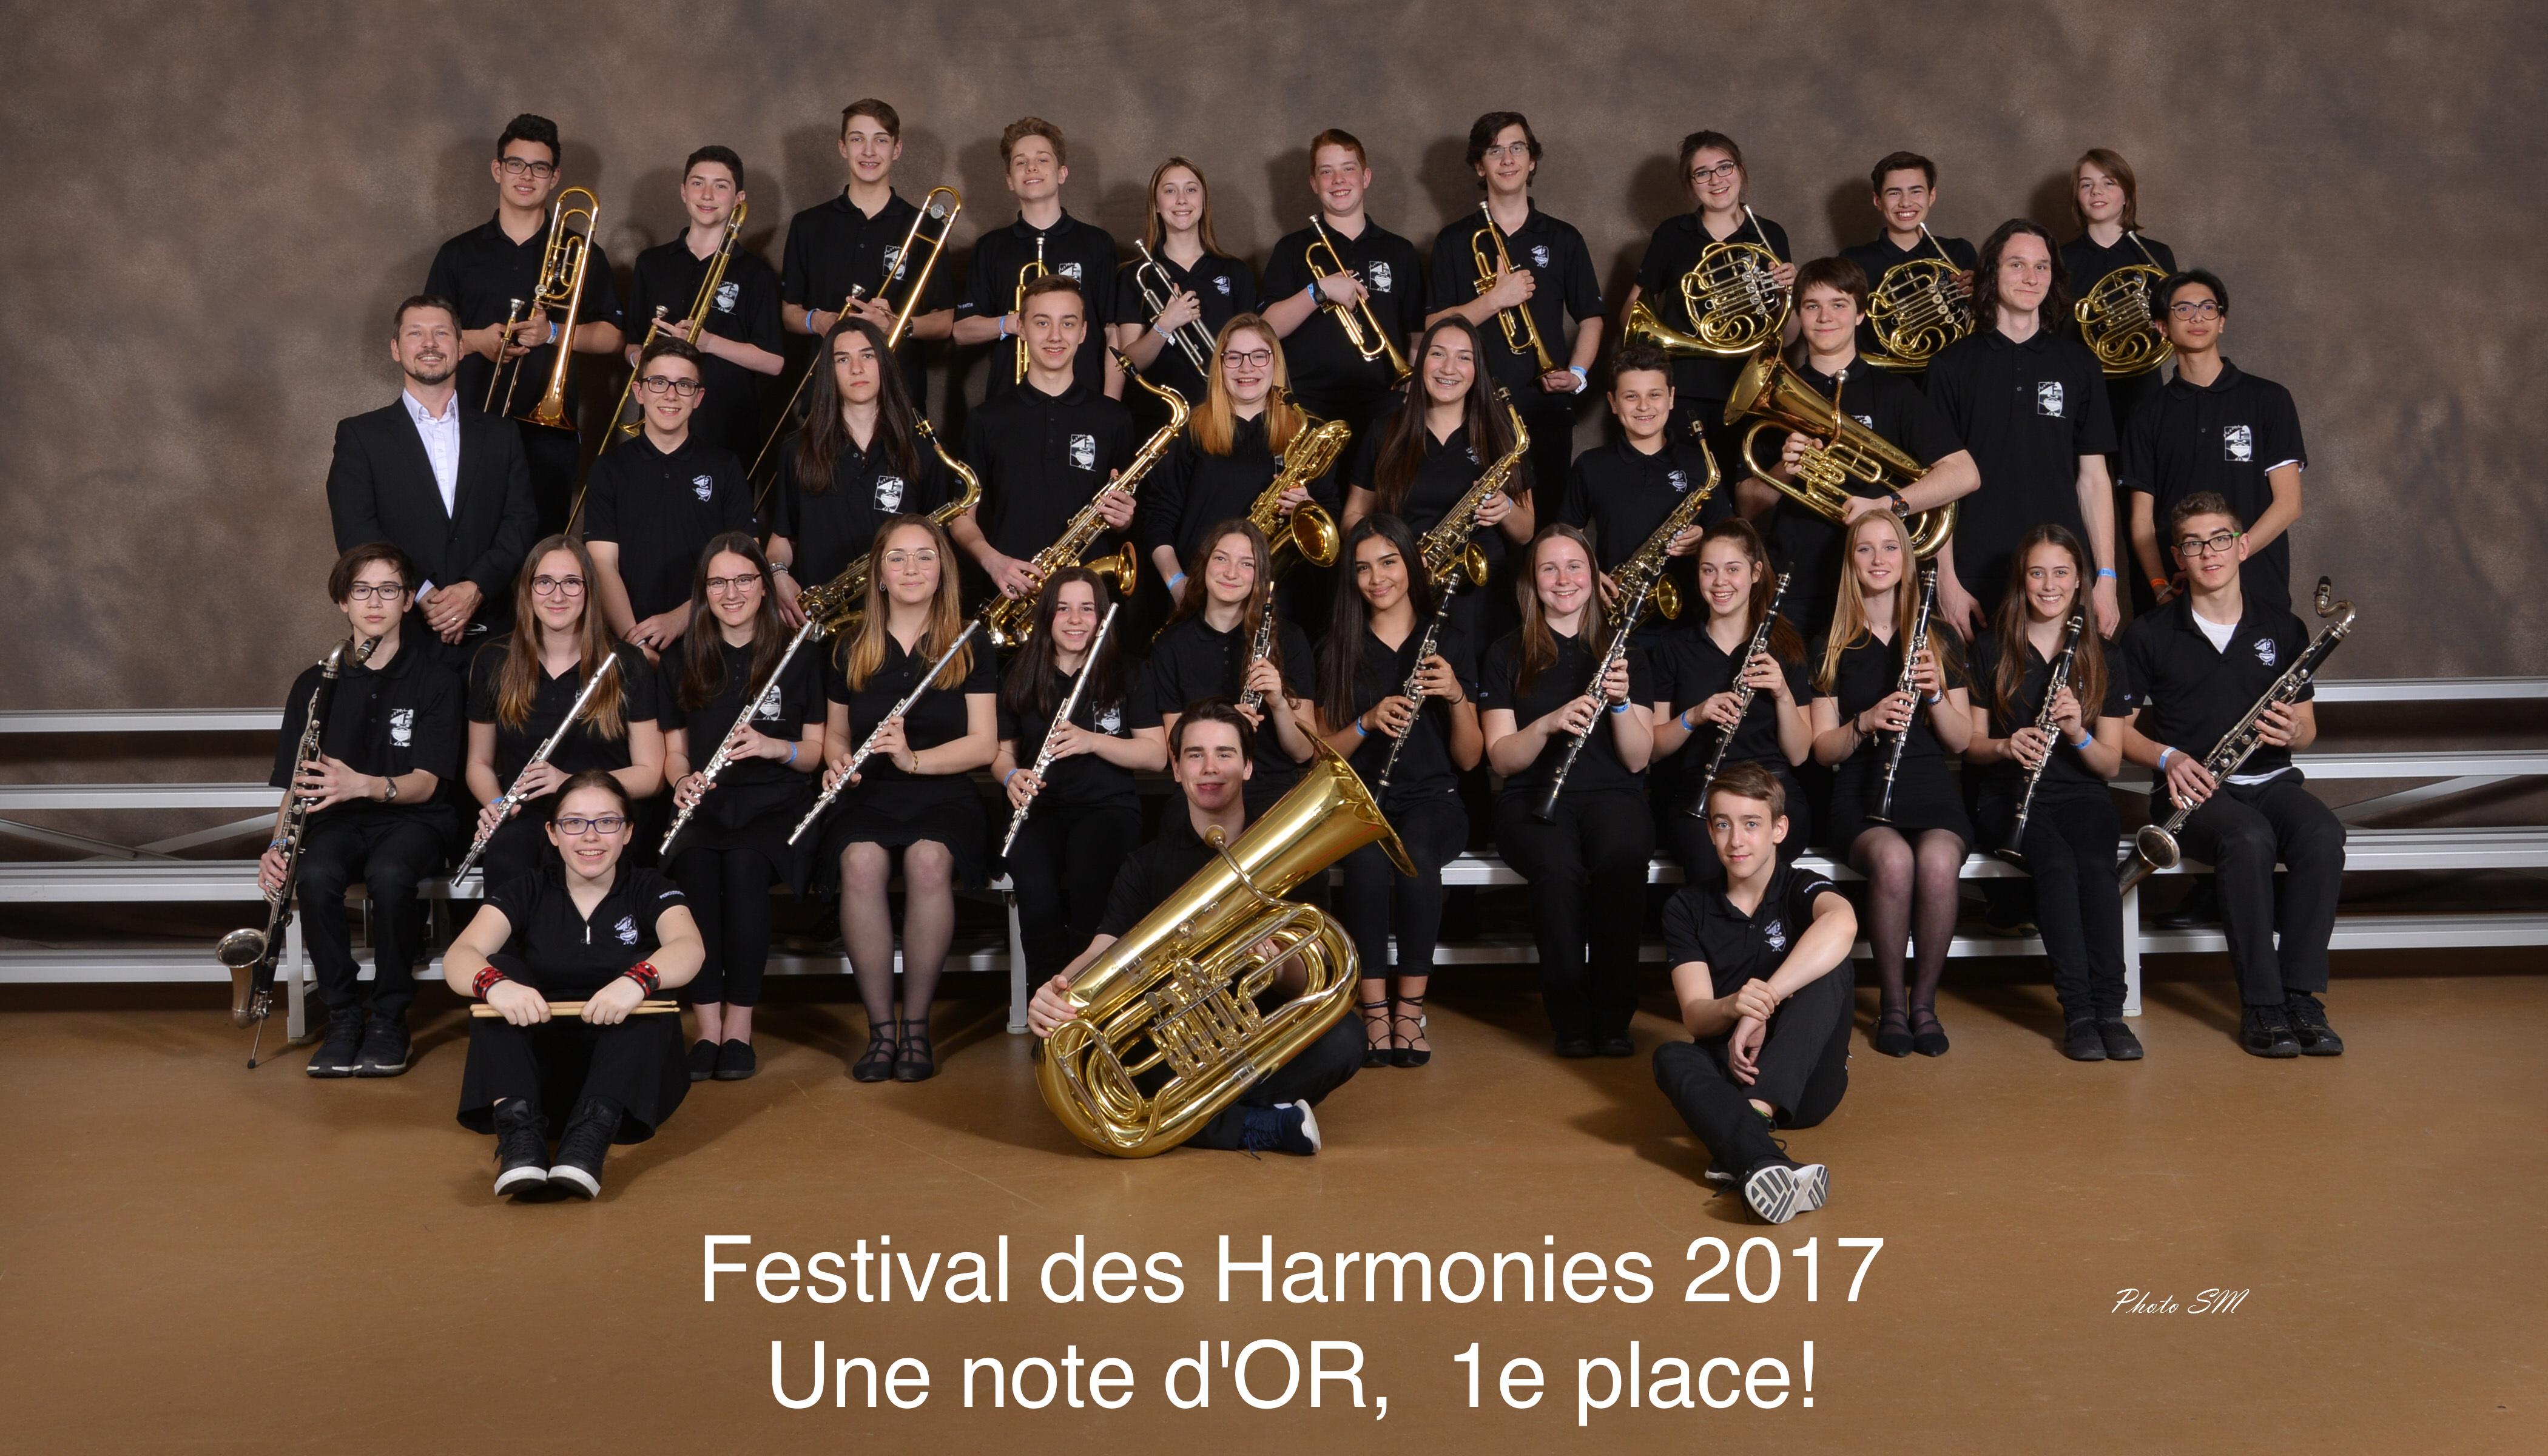 Harmonie 7